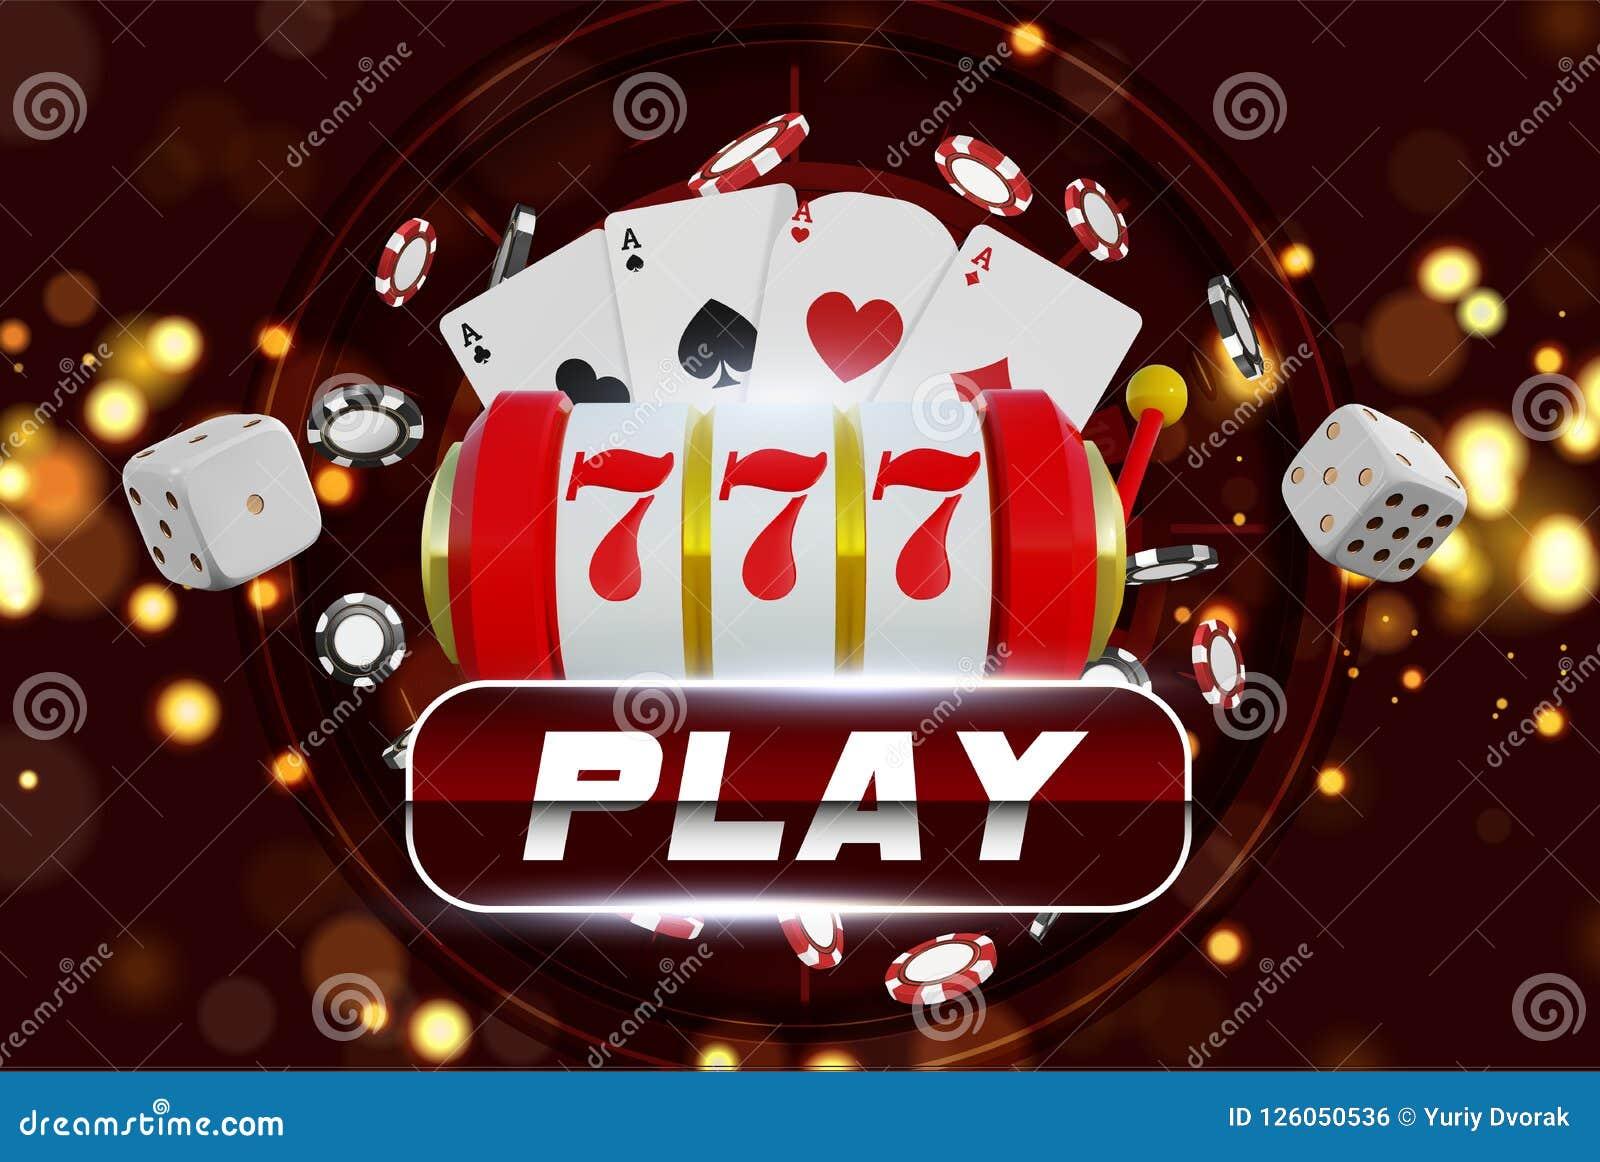 покер автомат онлайн безплатно